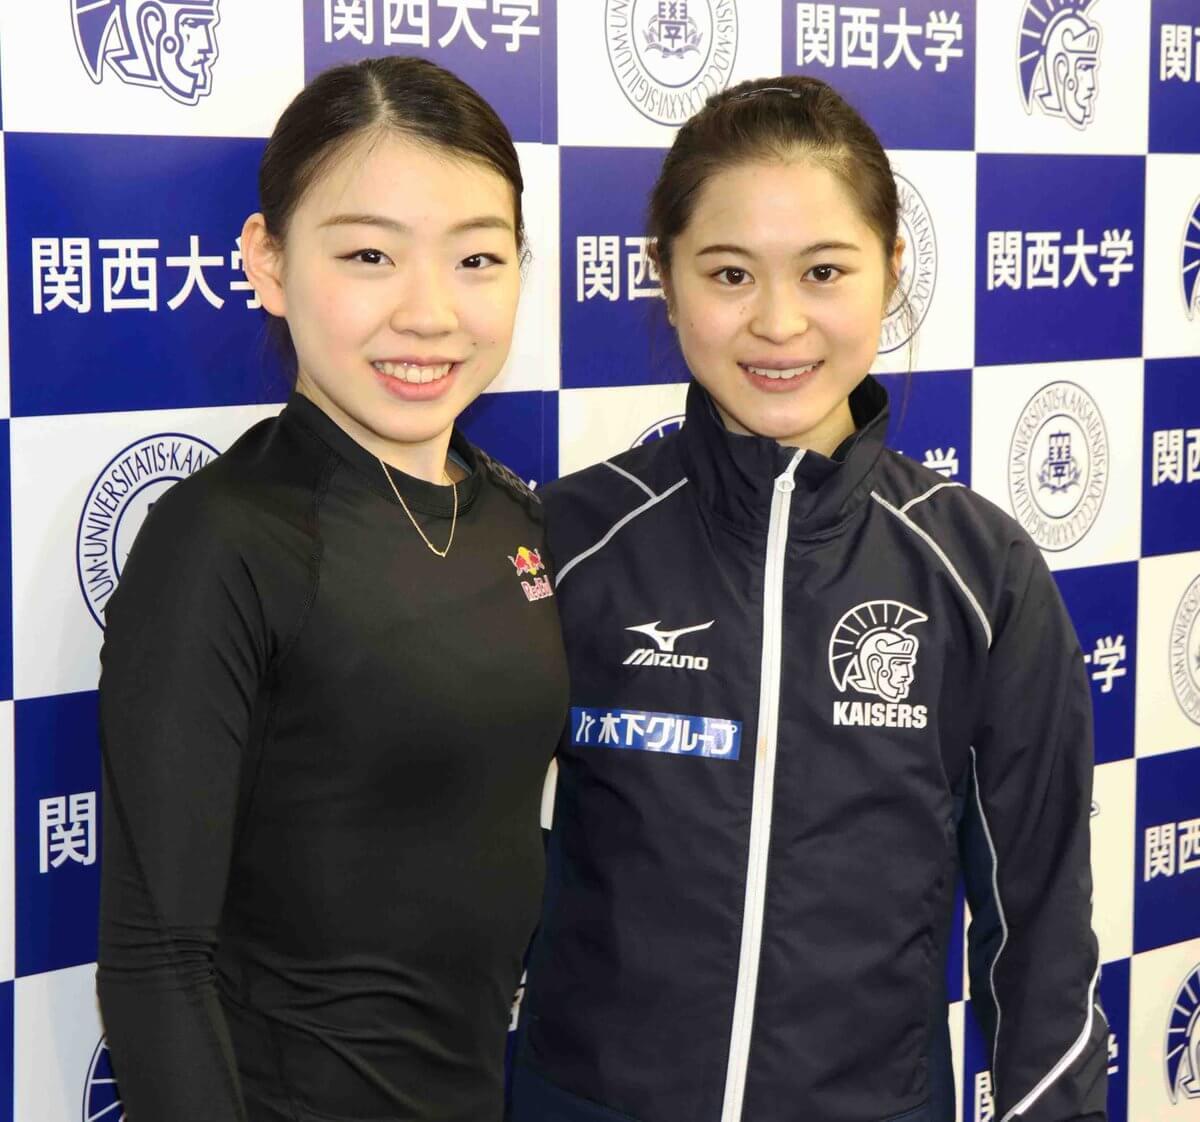 紀平梨花と宮原知子が世界選手権に向けて練習を公開!